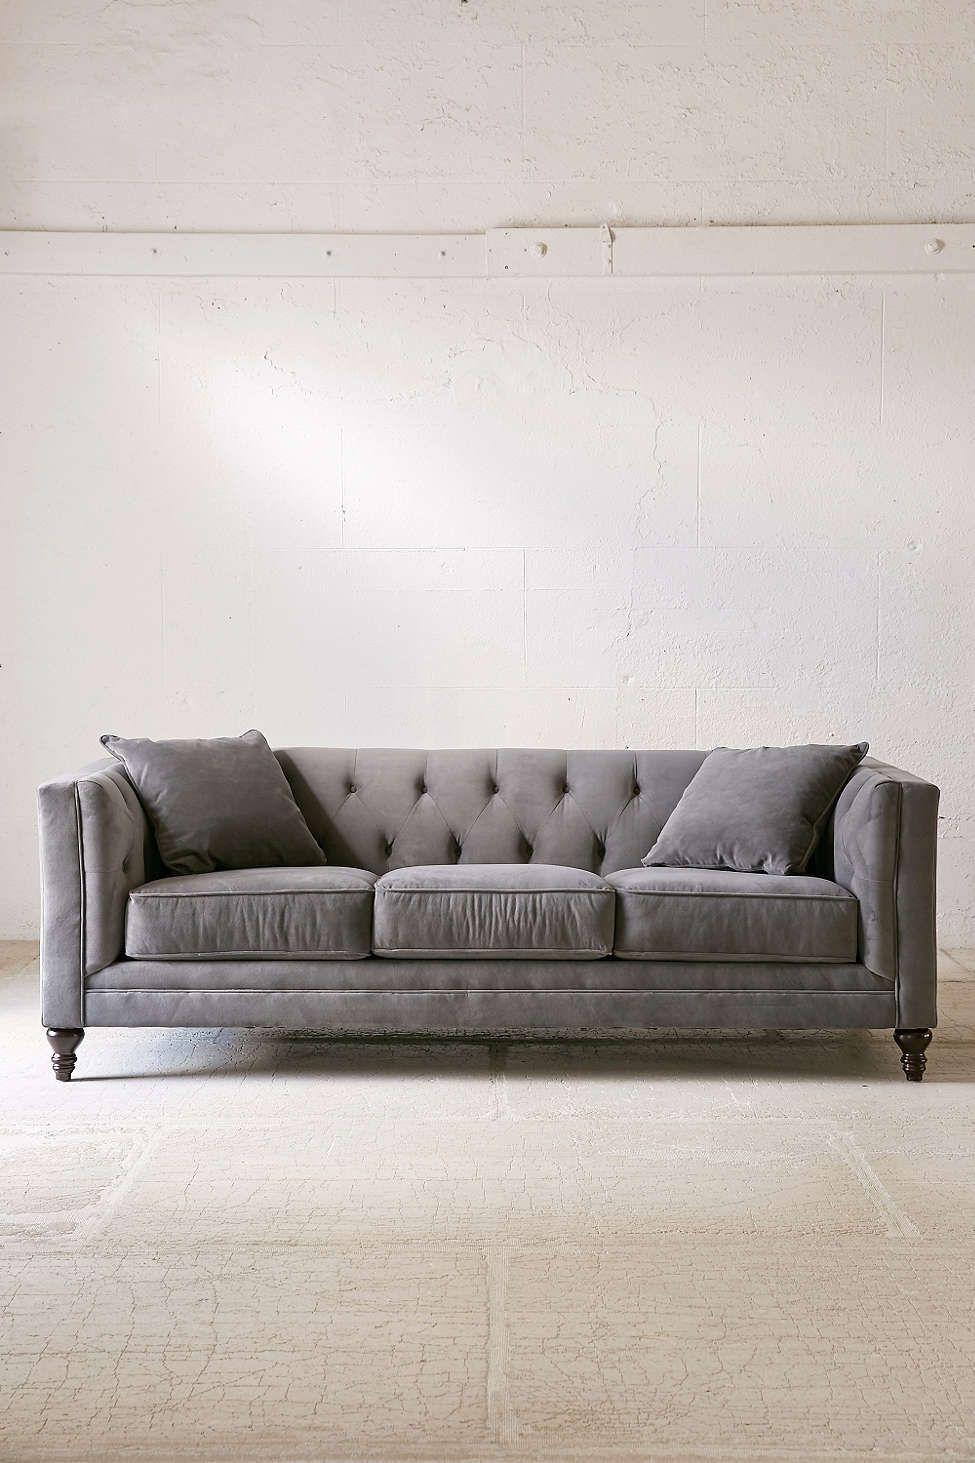 Graham Velvet Sofa Mobilya Minimalist Oturma Odalari Ve Oturma Odasi Fikirleri